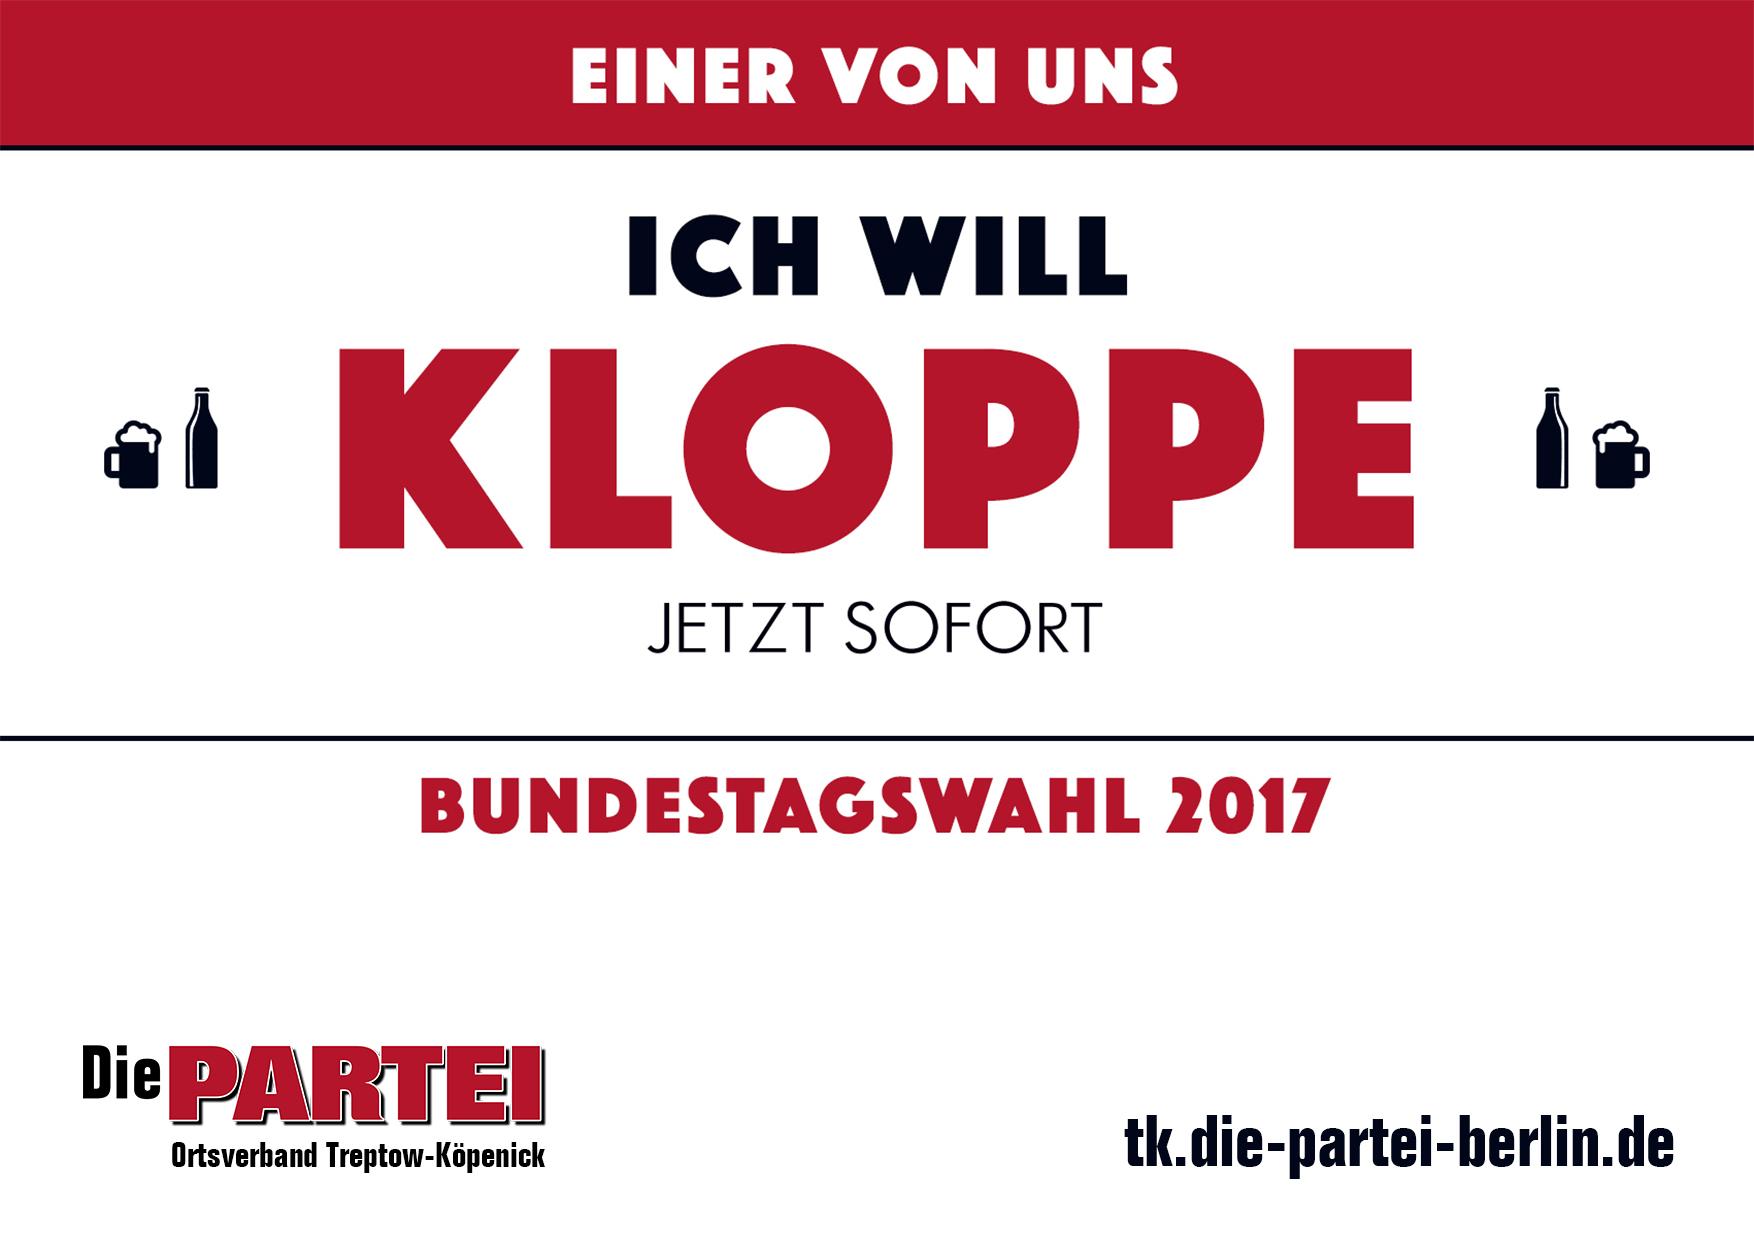 kloppe-schild_3